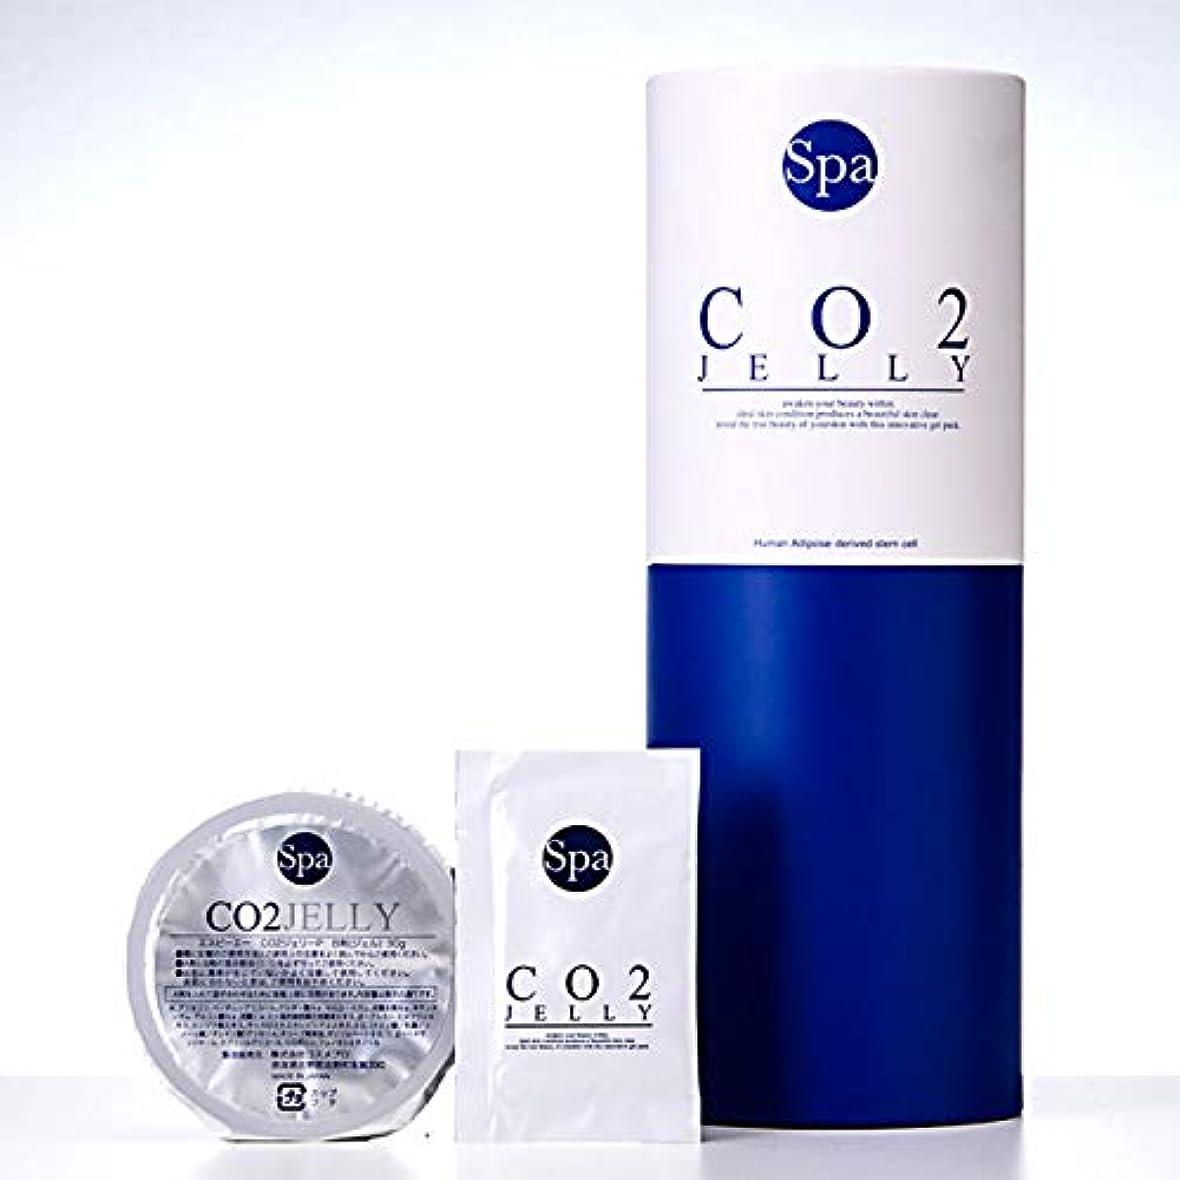 ファランクススピリチュアル戻るSpa(エスピーエー)CO2 JELLY ジェリー (5回分)日本製 炭酸パック ジェル